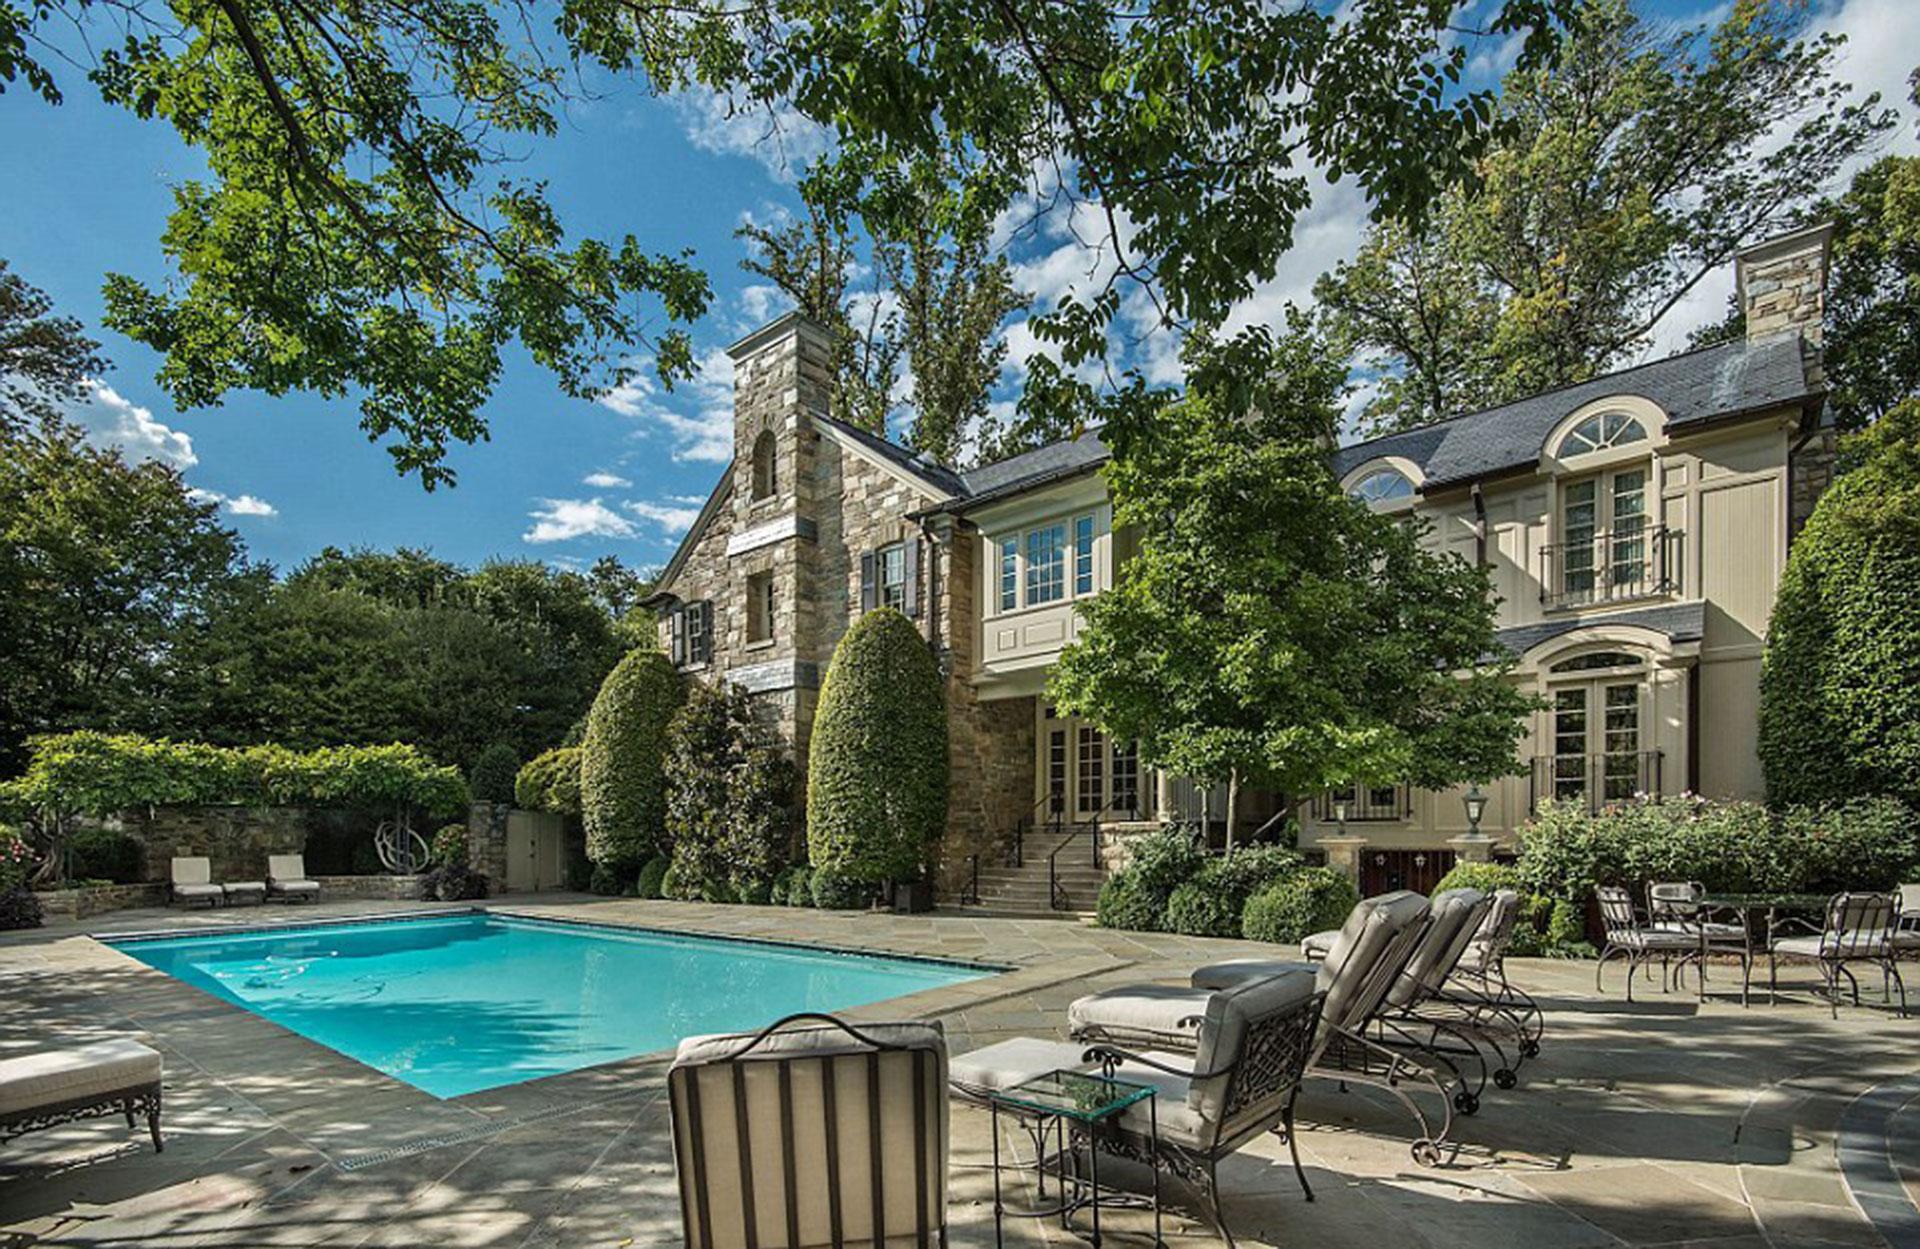 La mansión cuenta con una amplia piscina rodeada de sillas para descansar